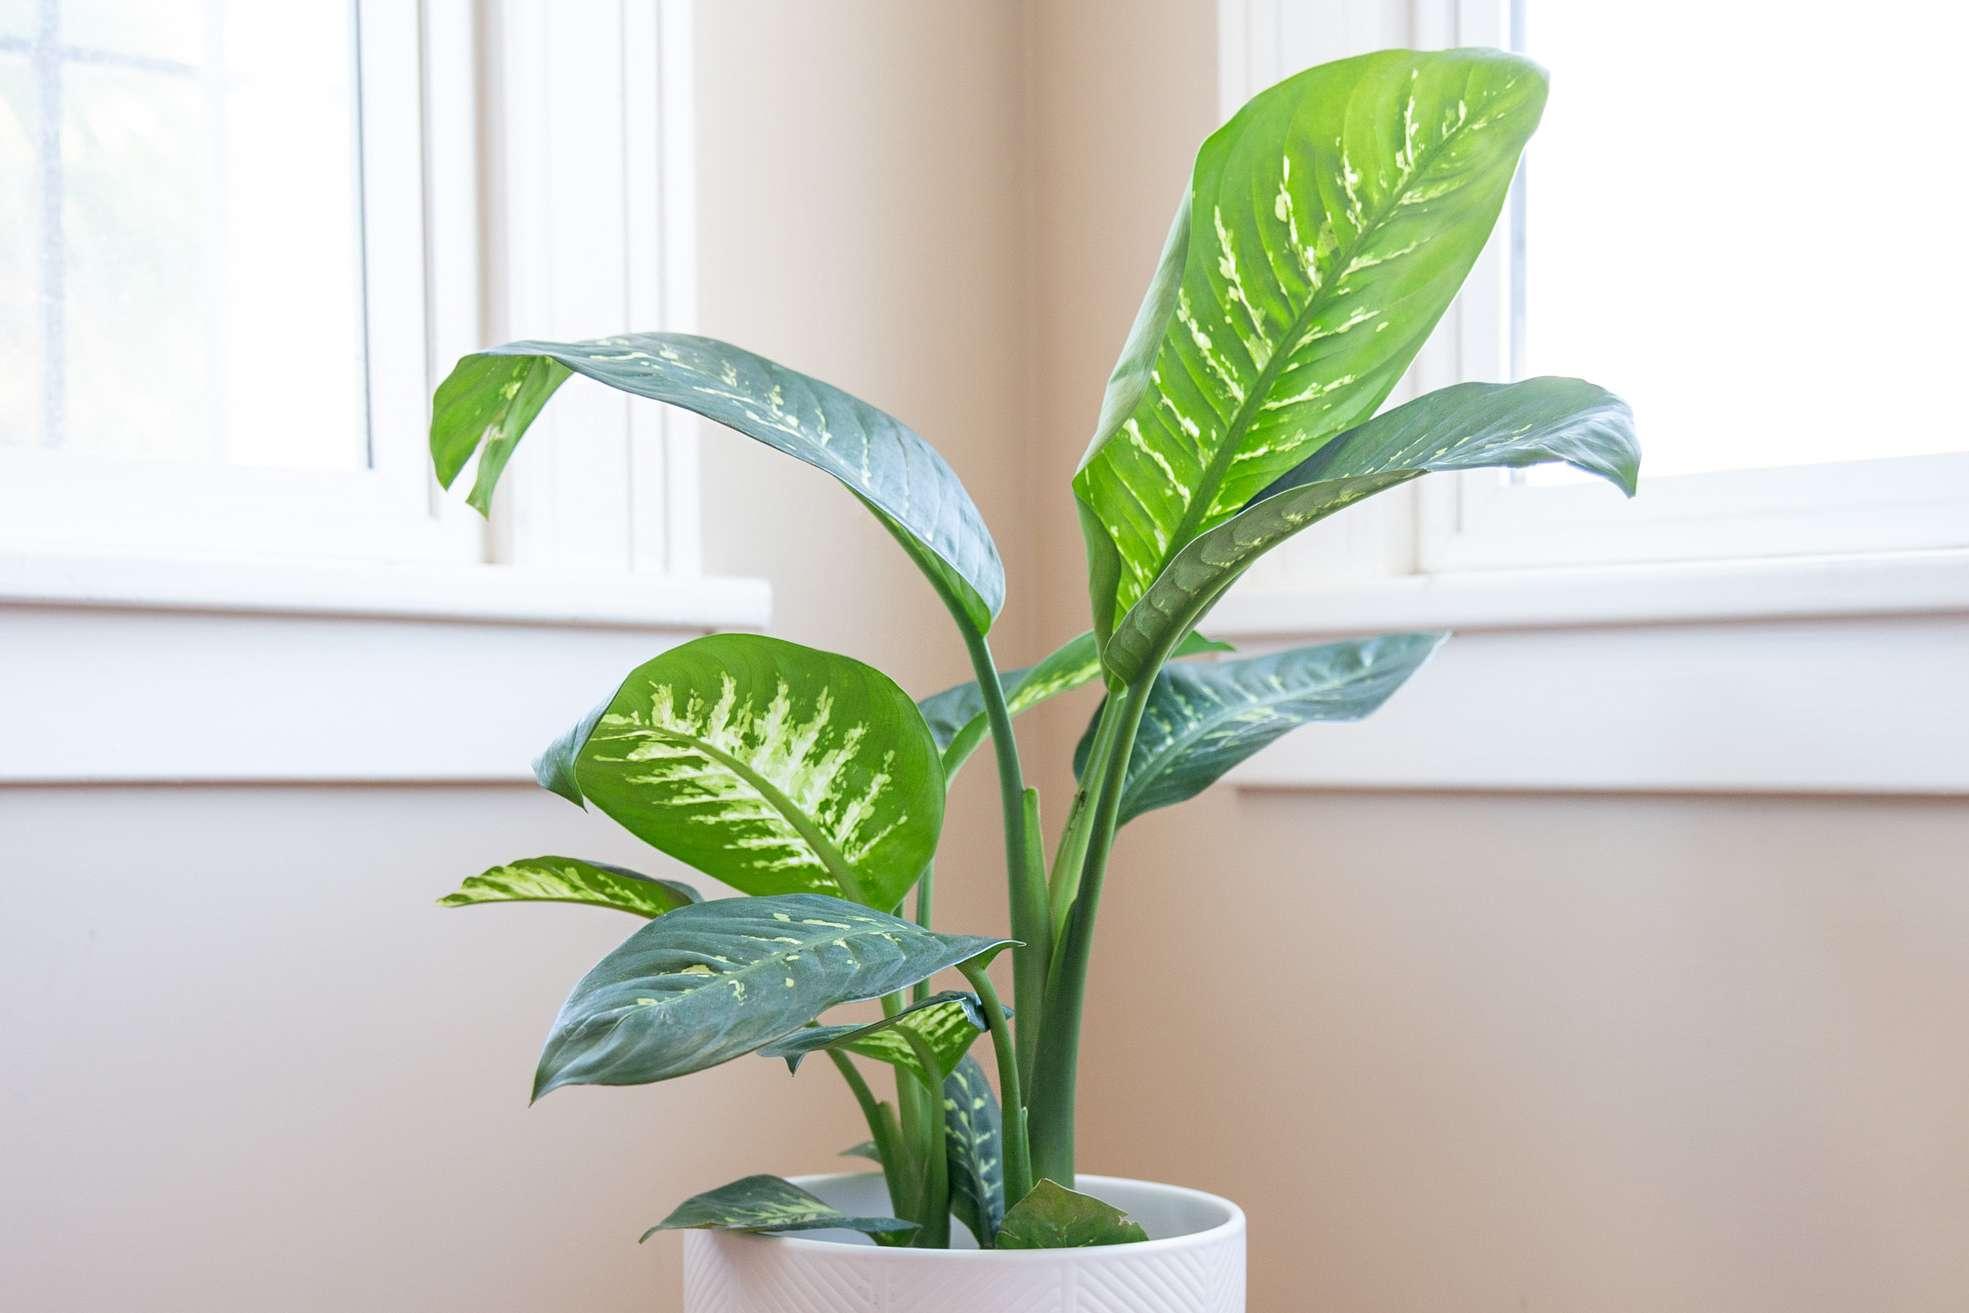 dumb cane plant